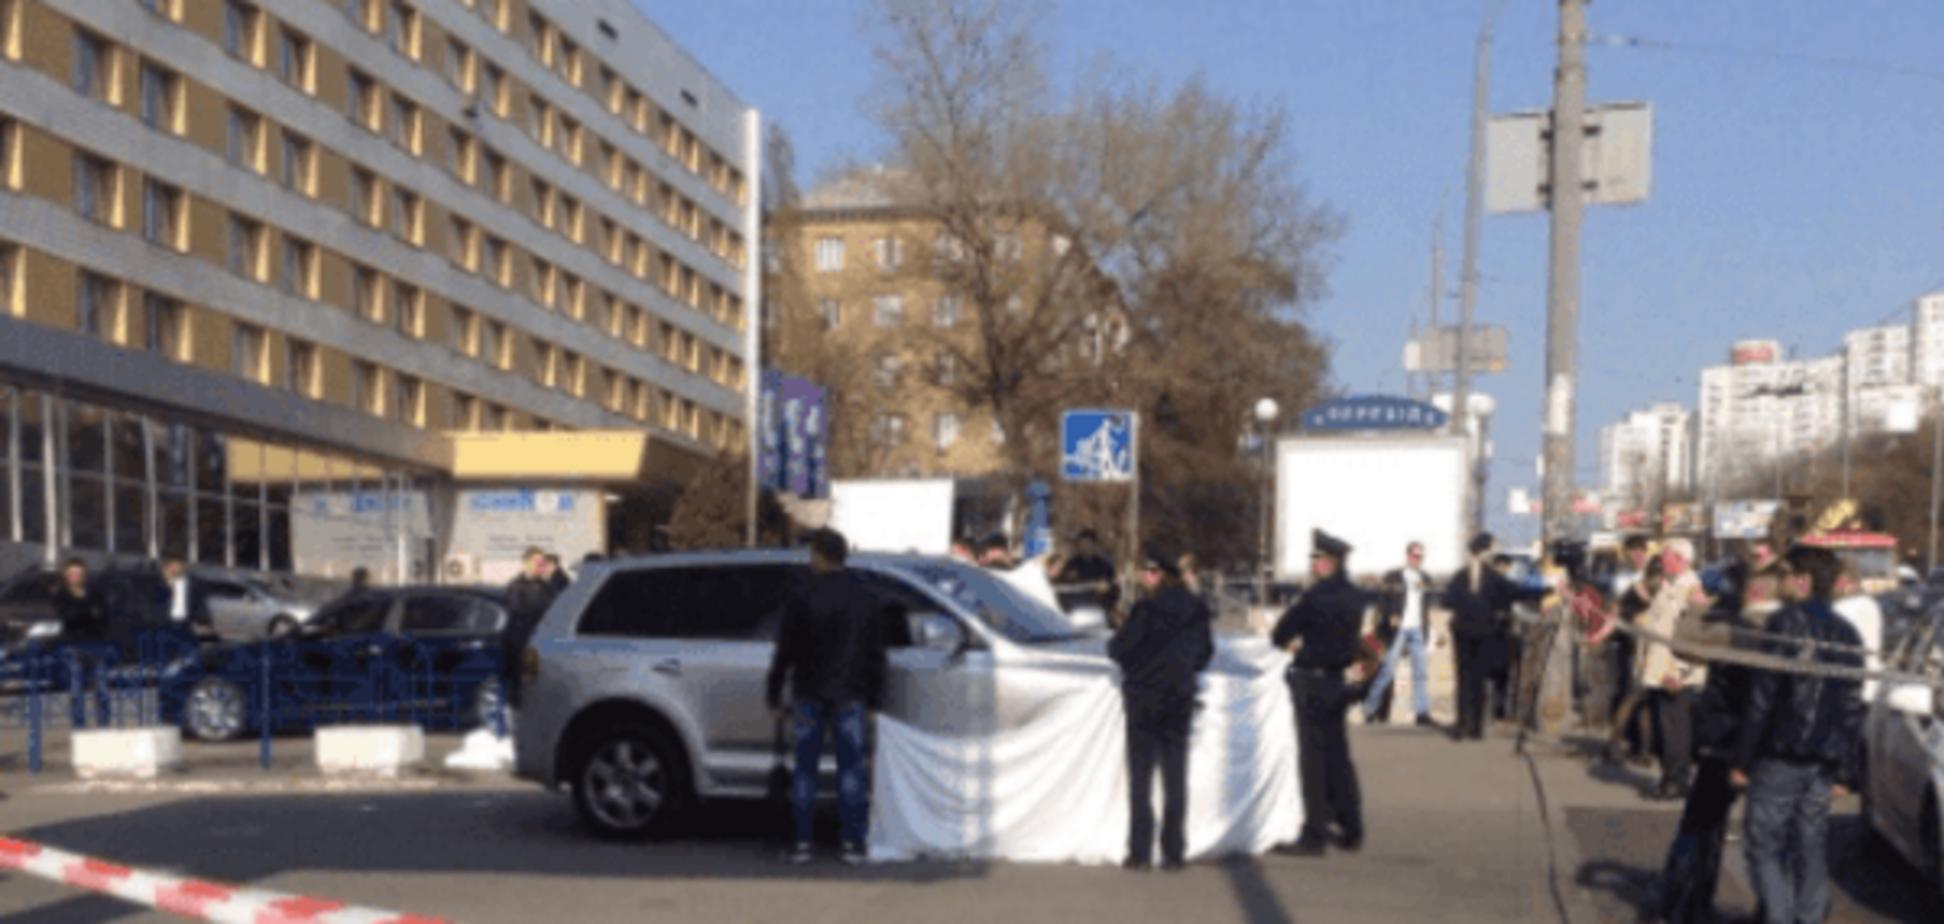 У Києві на місці розстрілу директора спортклубу побили журналістів - ЗМІ